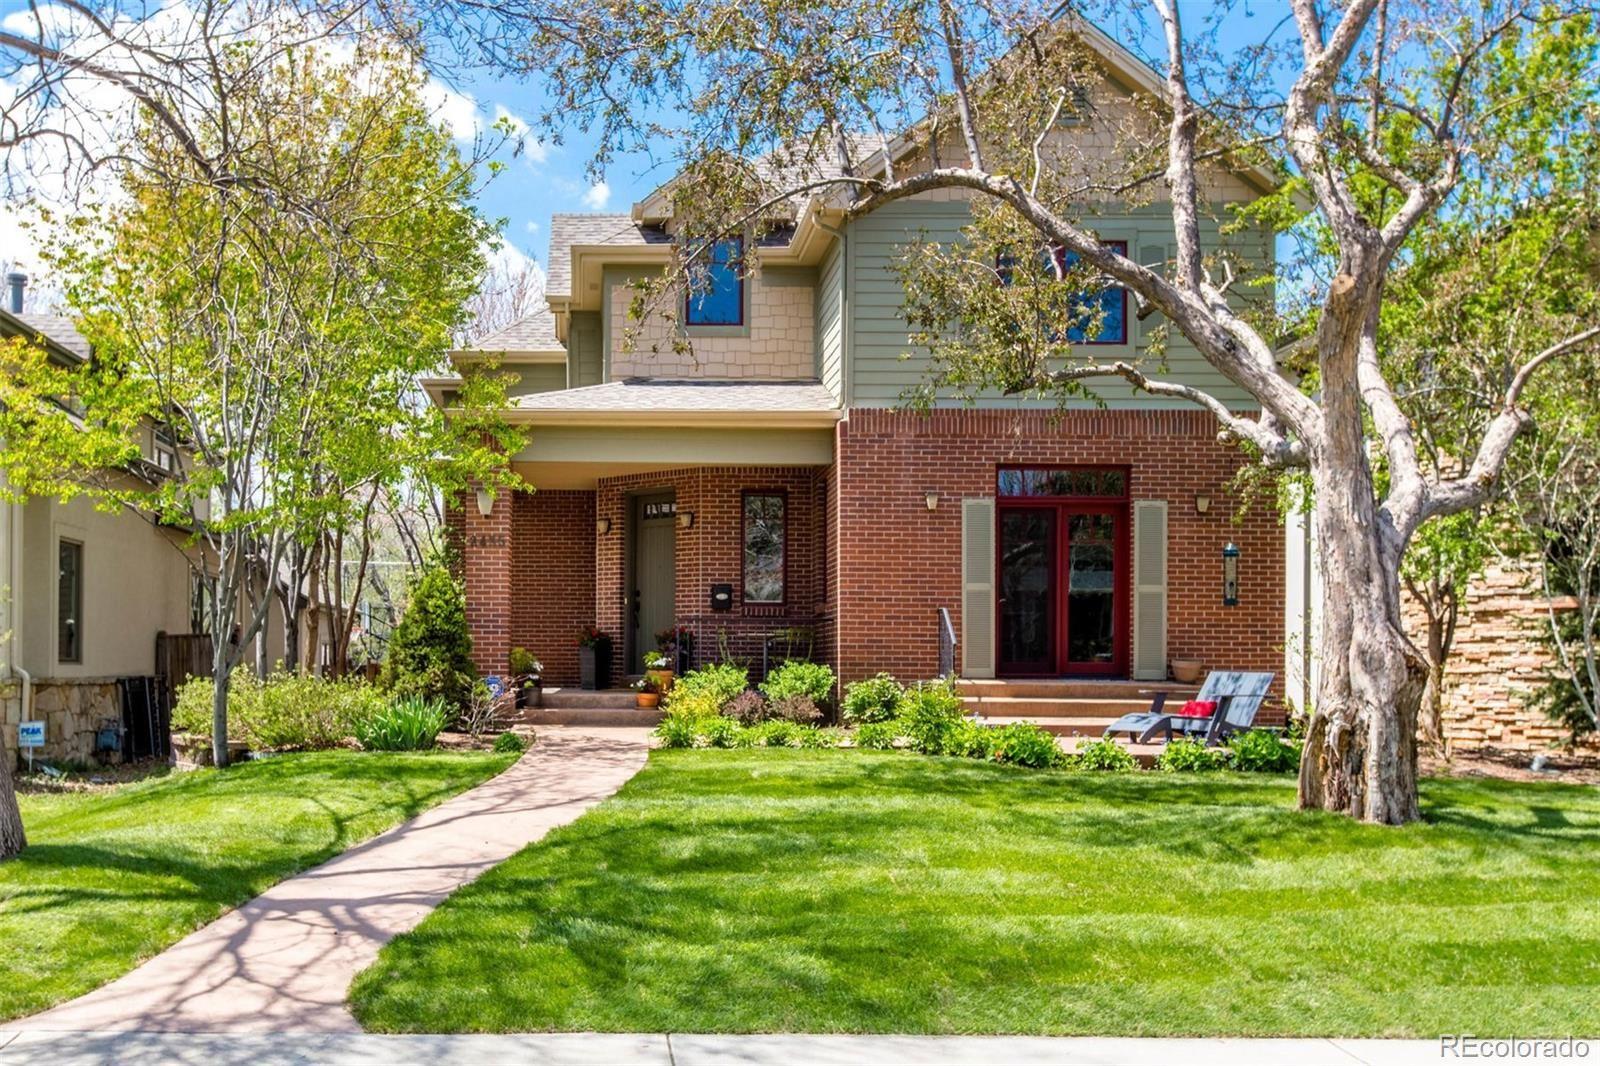 2435 S Cook Street, Denver, CO 80210 - #: 3706048